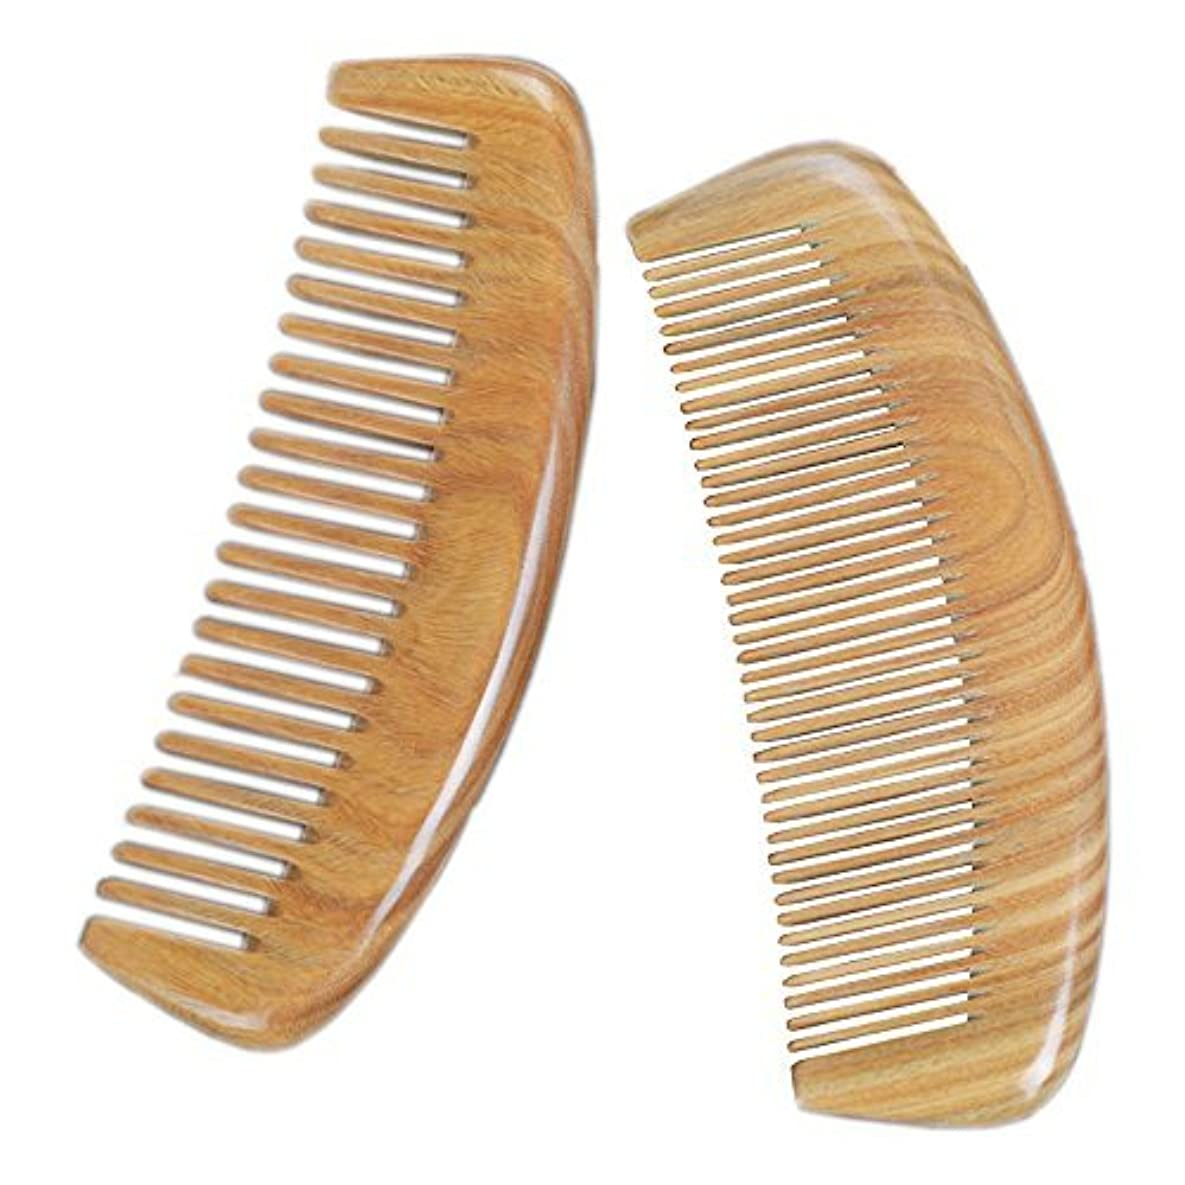 実際に交通渋滞小競り合いLiveZone Handmade Natural Green Sandalwood 2-Count(Minute Tooth and Wide Tooth Wood Comb) Hair Comb with Natural...